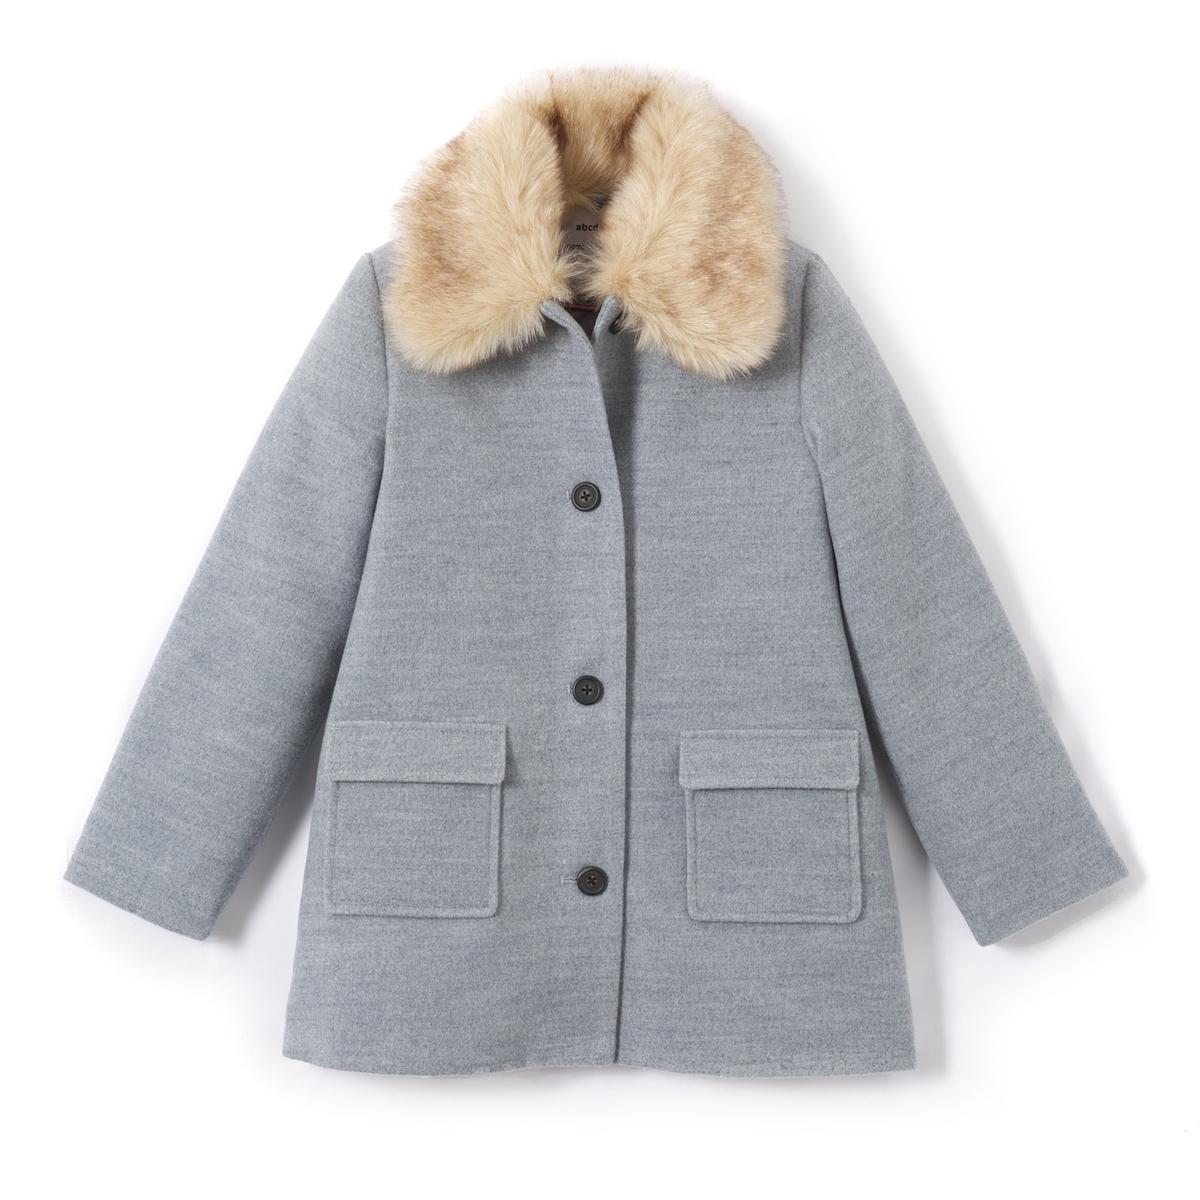 Пальто с капюшономДетали •  Зимняя модель •  Непромокаемое •  Застежка на молнию •  С капюшоном •  Длина  : средняя Состав и уход •  10% вискозы, 2% эластана, 88% полиэстера •  Подкладка : 100% полиэстер •  Температура стирки 30° •  Сухая чистка и отбеливание запрещены • Барабанная сушка на слабом режиме       •  Низкая температура глажки<br><br>Цвет: светло-серый меланж<br>Размер: 12 лет -150 см.10 лет - 138 см.8 лет - 126 см.6 лет - 114 см.4 года - 102 см.3 года - 94 см